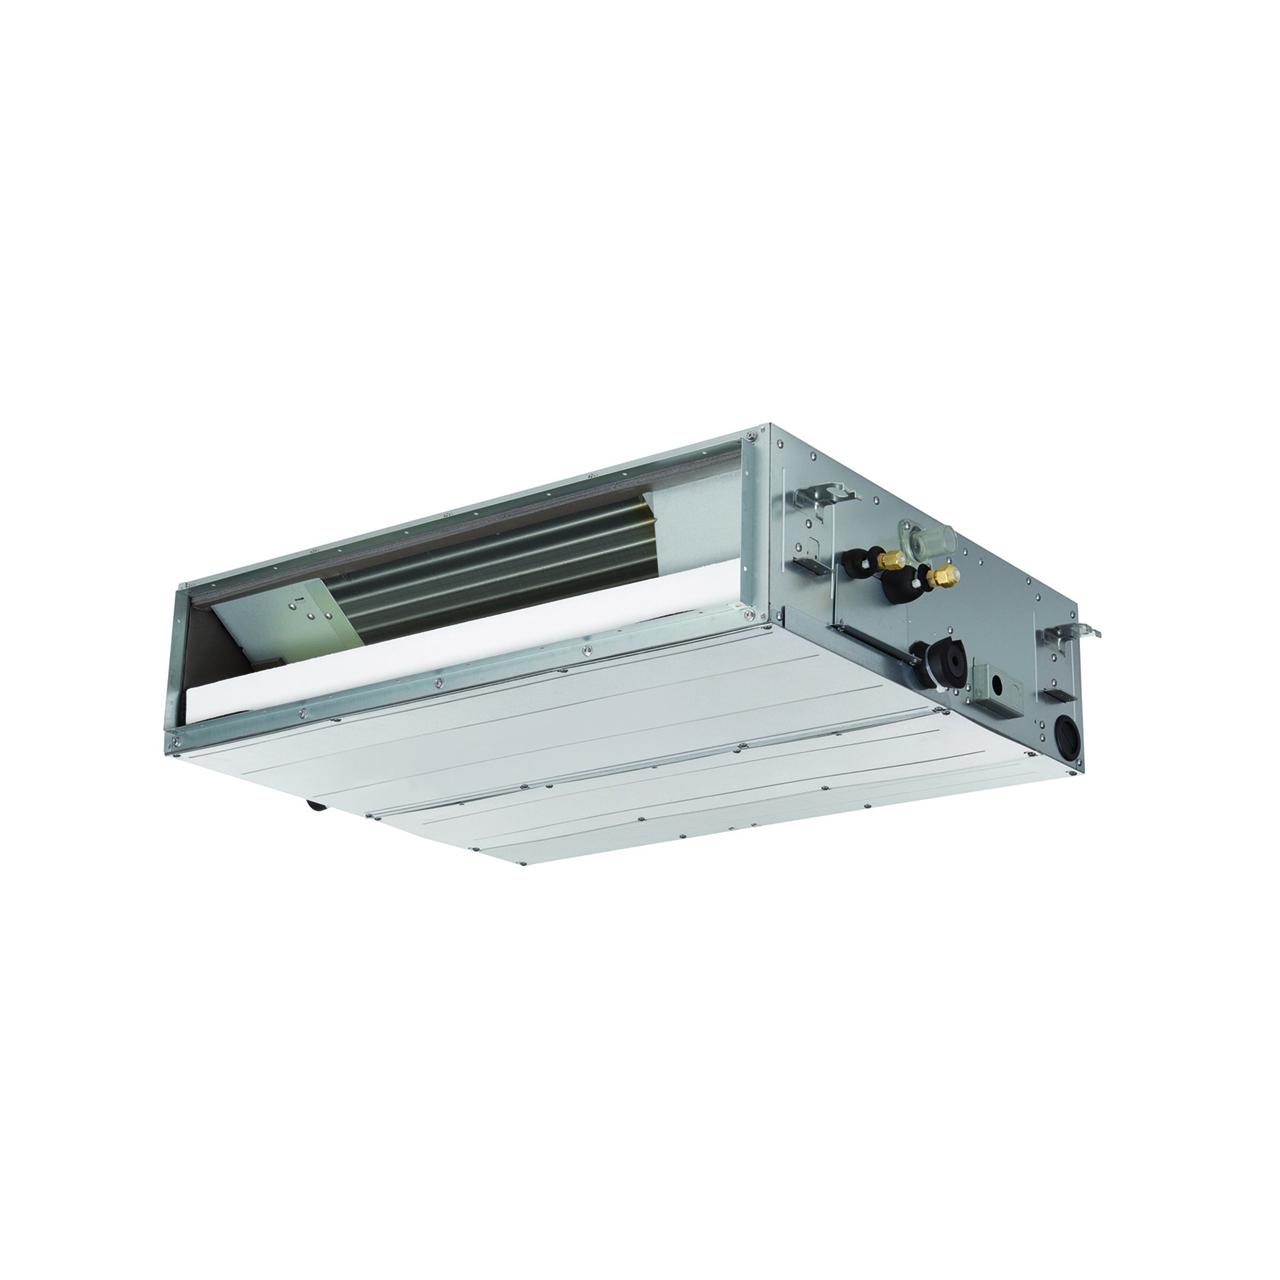 carrier-mmdp-vrf-slim-duct-indoor-unit